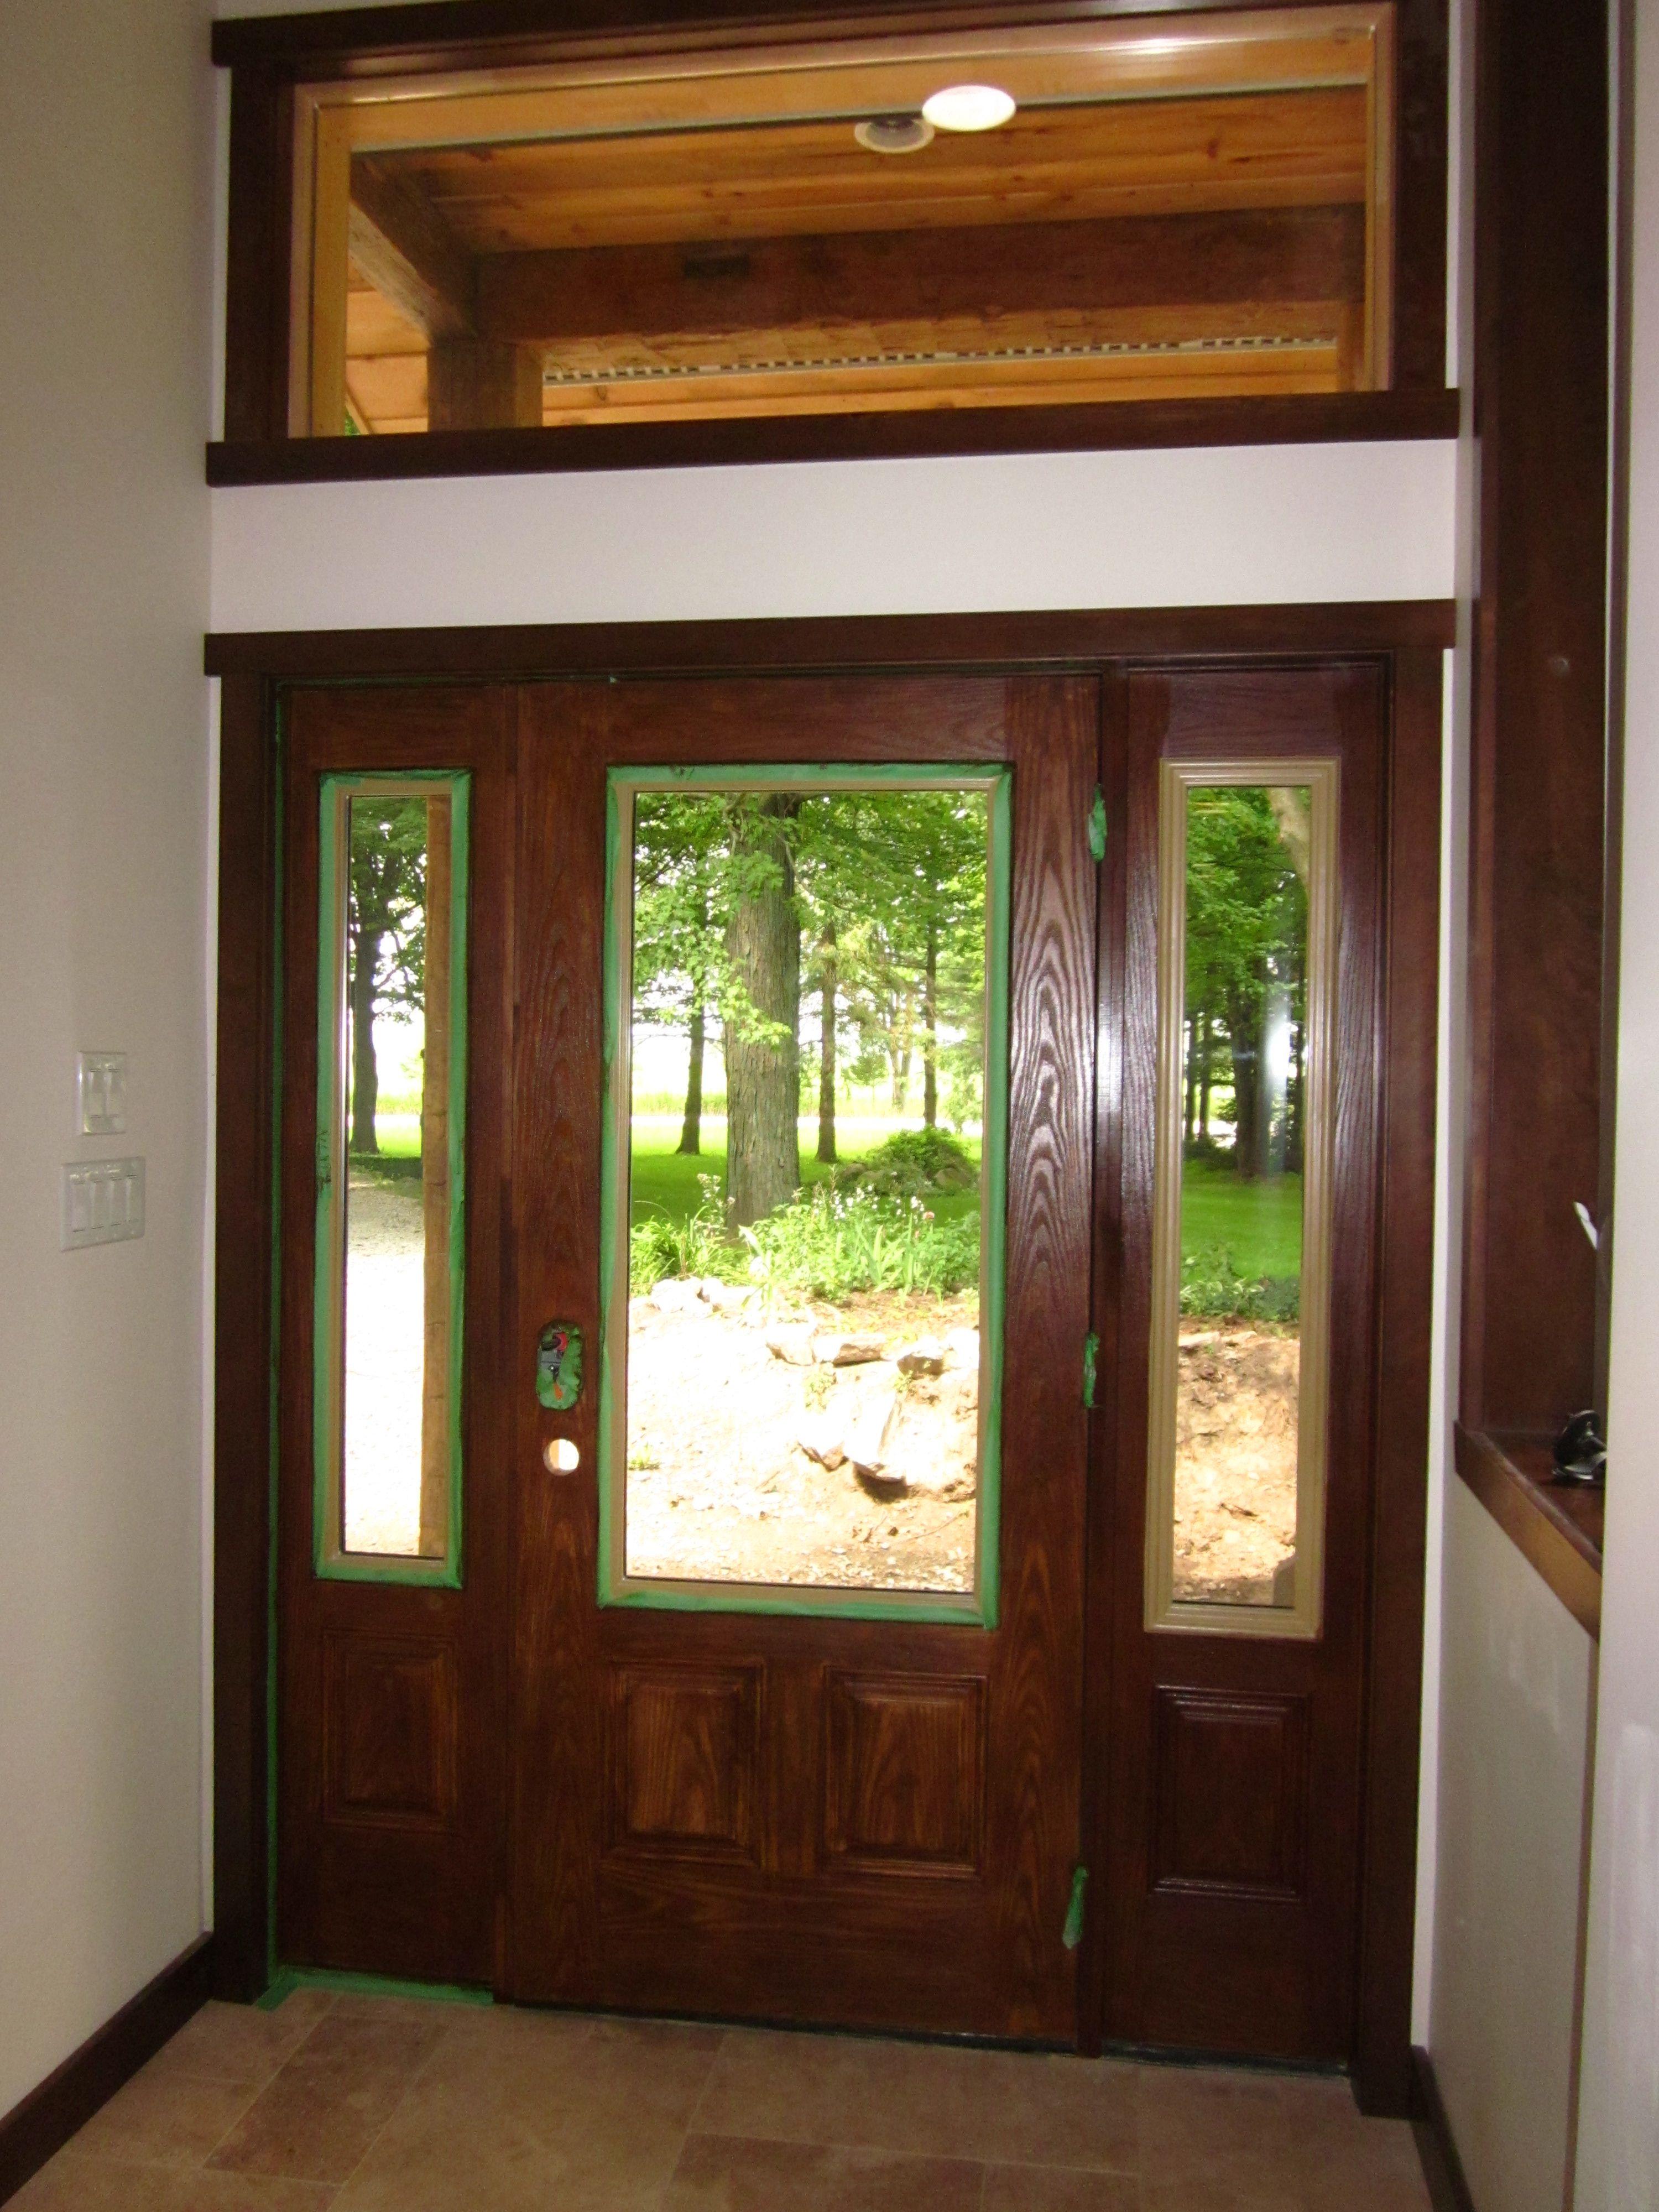 4000 #9D692E Minwax Gel Stain Fiberglass Door Gel Stained Fiberglass Door image Stainable Fiberglass Entry Doors 40233000